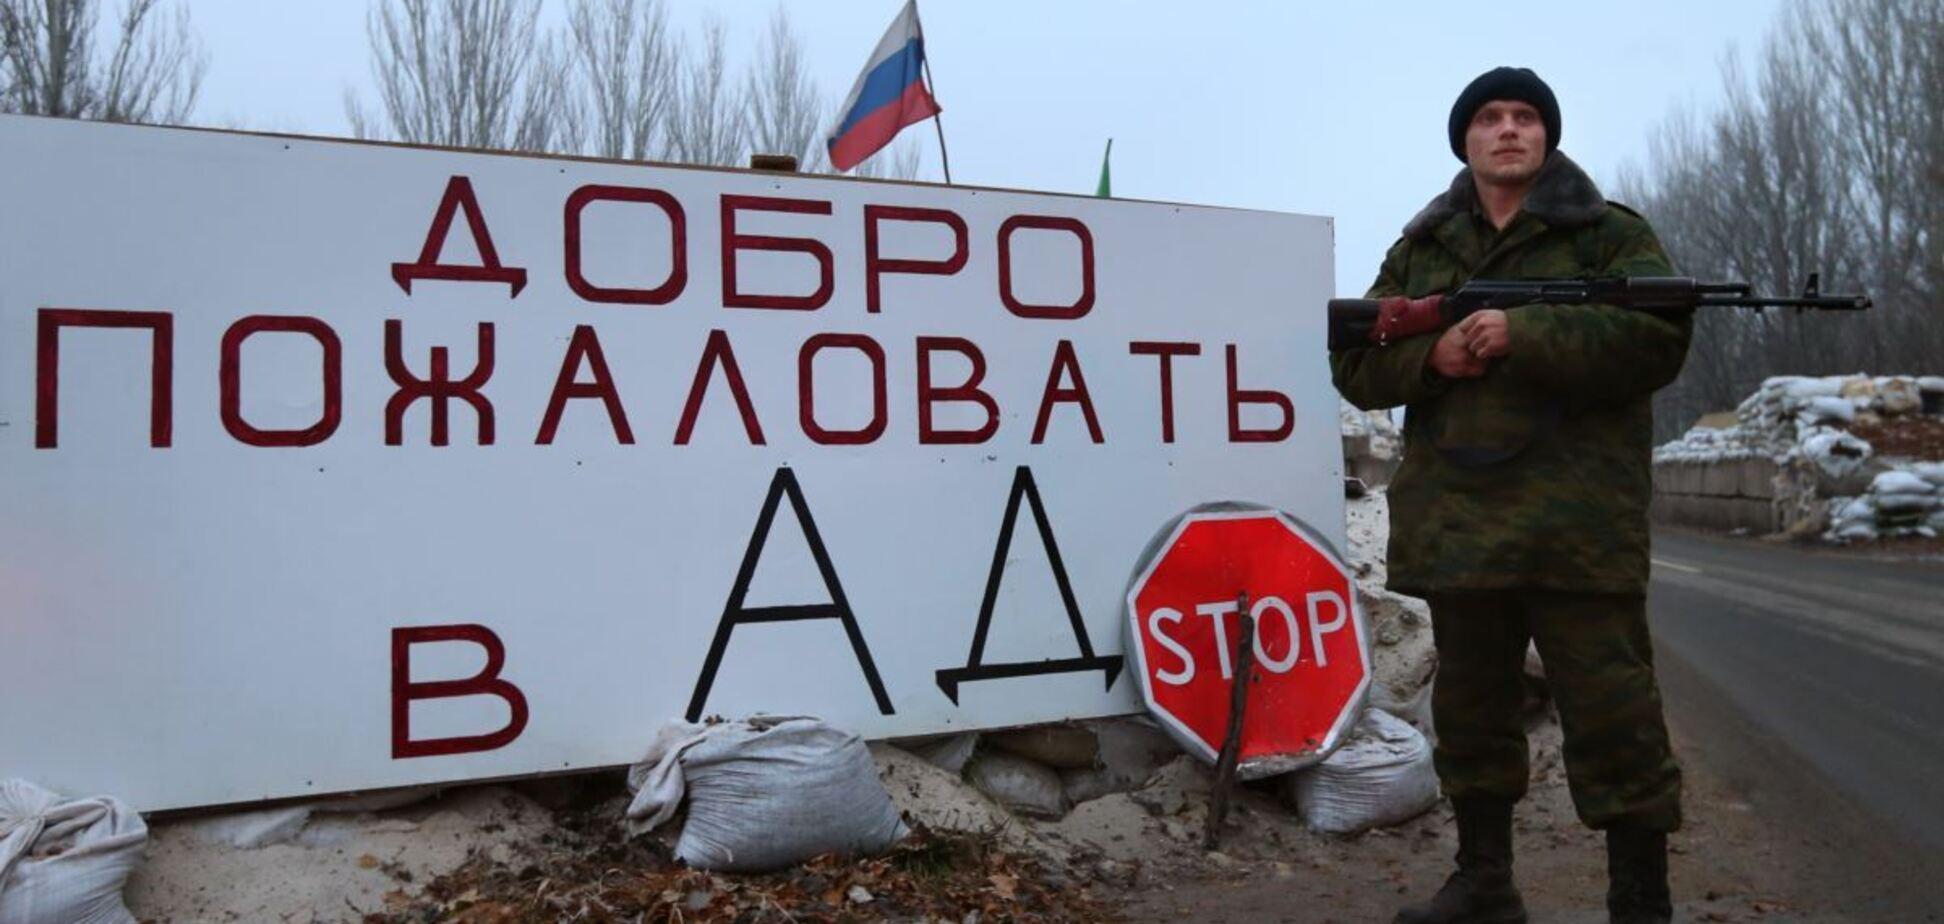 Терористи на Донбасі зазнали великих втрат під час перемир'я